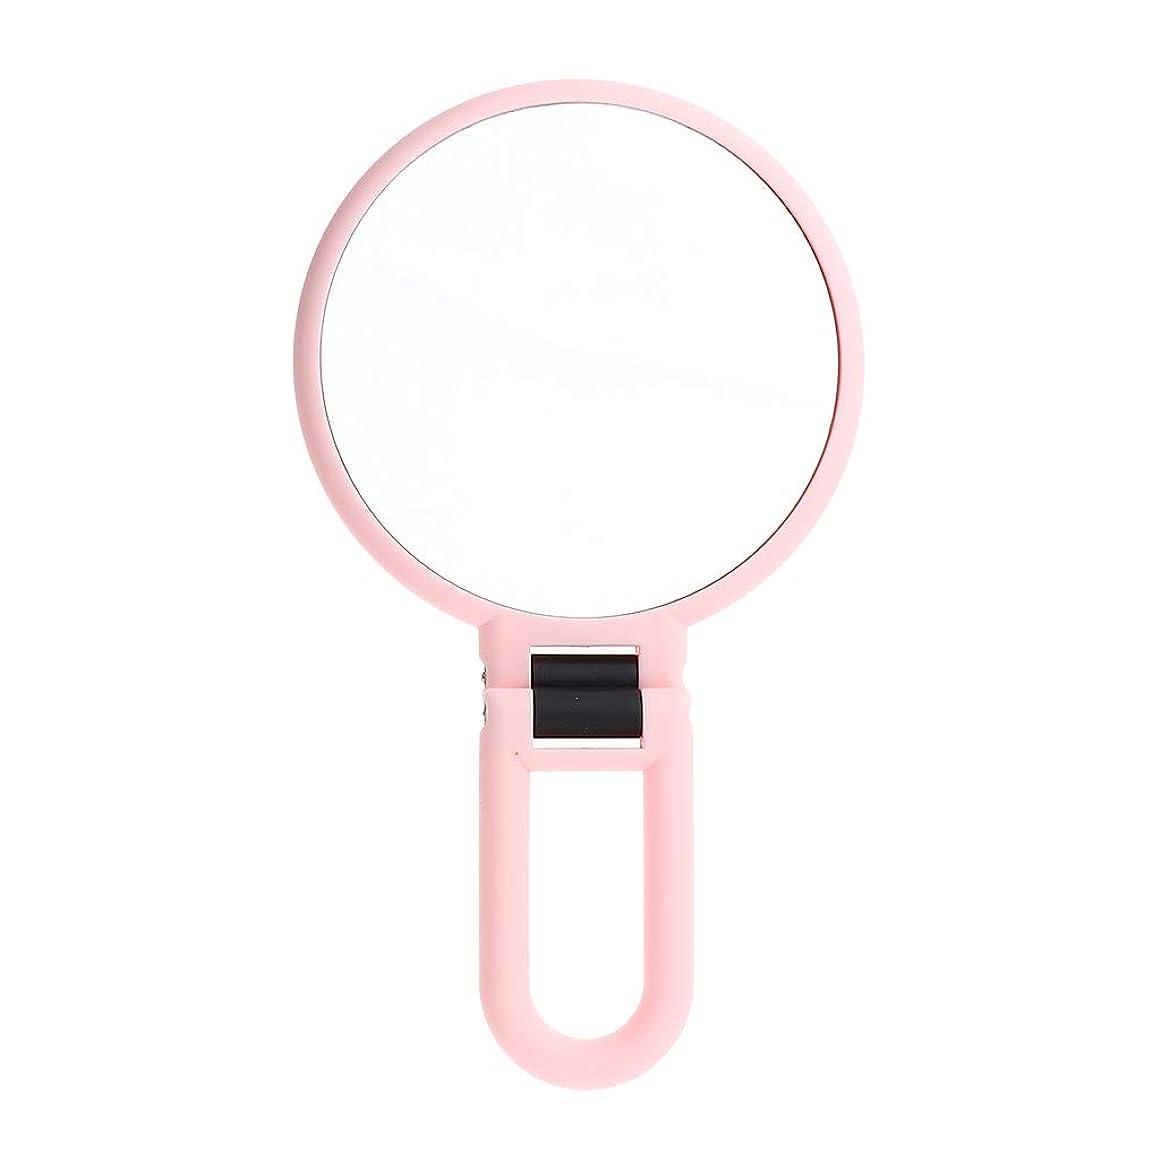 内なる闘争摂氏度メイクアップミラー 拡大鏡 両面鏡 手鏡 ピンク 旅行 携帯便利 2タイプ選べ - 10倍